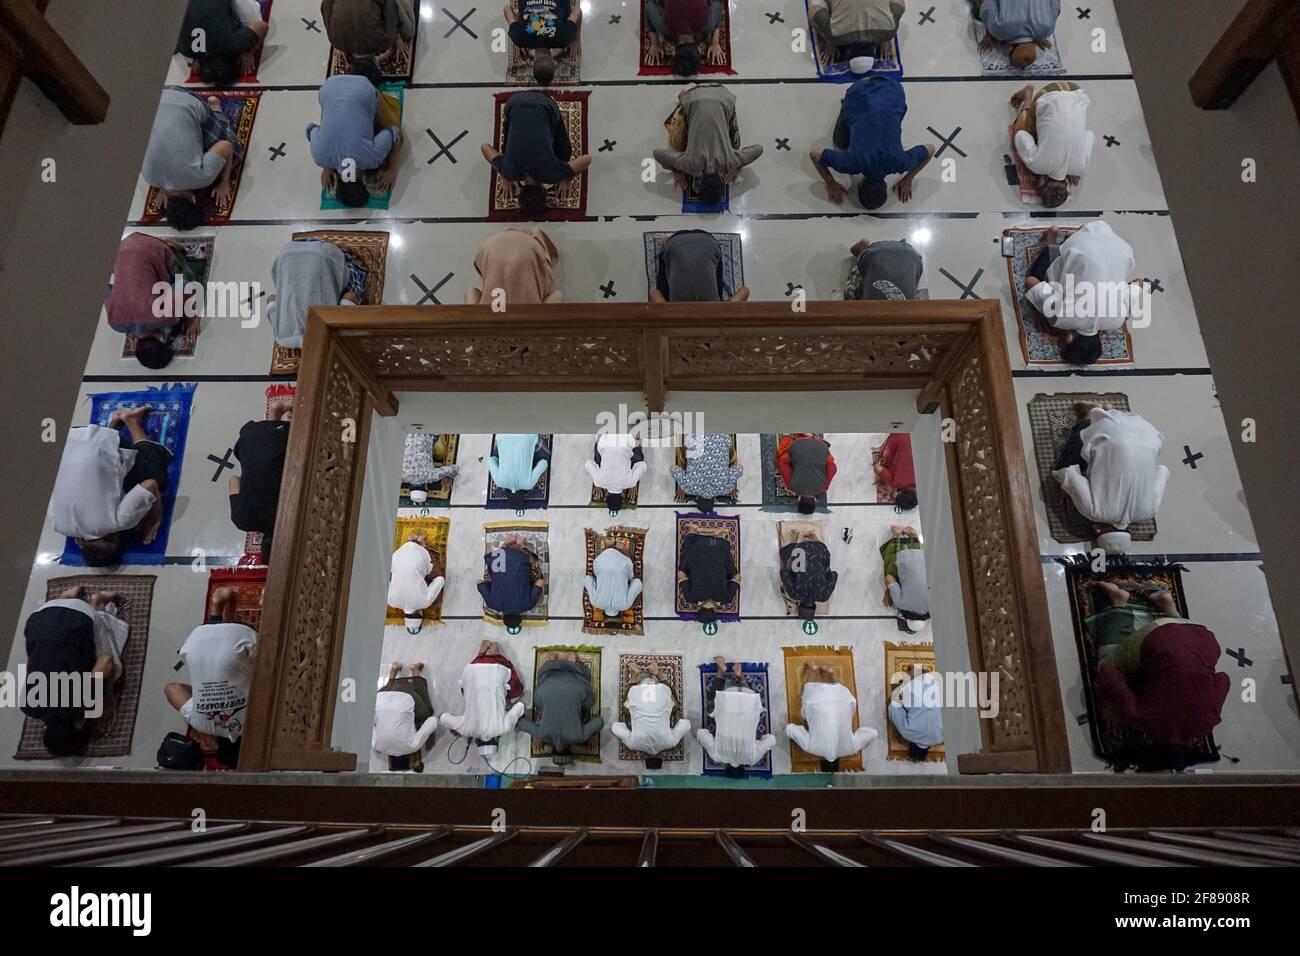 Badung, Bali, Indonesia. 12 Aprile 2021. La gente ha regolato le linee distanziate dovuto il protocollo di salute di Covid-19 durante le preghiere. Musulmani indonesiani di Bali per iniziare la prima preghiera di massa Tarawih alla Moschea al Hasanah, Canggu, come il governo ha determinato la prima data del mese islamico Ramadan cade il 12 aprile 2021. Domani, 13 aprile 2021, i musulmani inizieranno il digiuno nel mese successivo. (Immagine di credito: © filo Dicky BisinglasiZUMA) Foto Stock